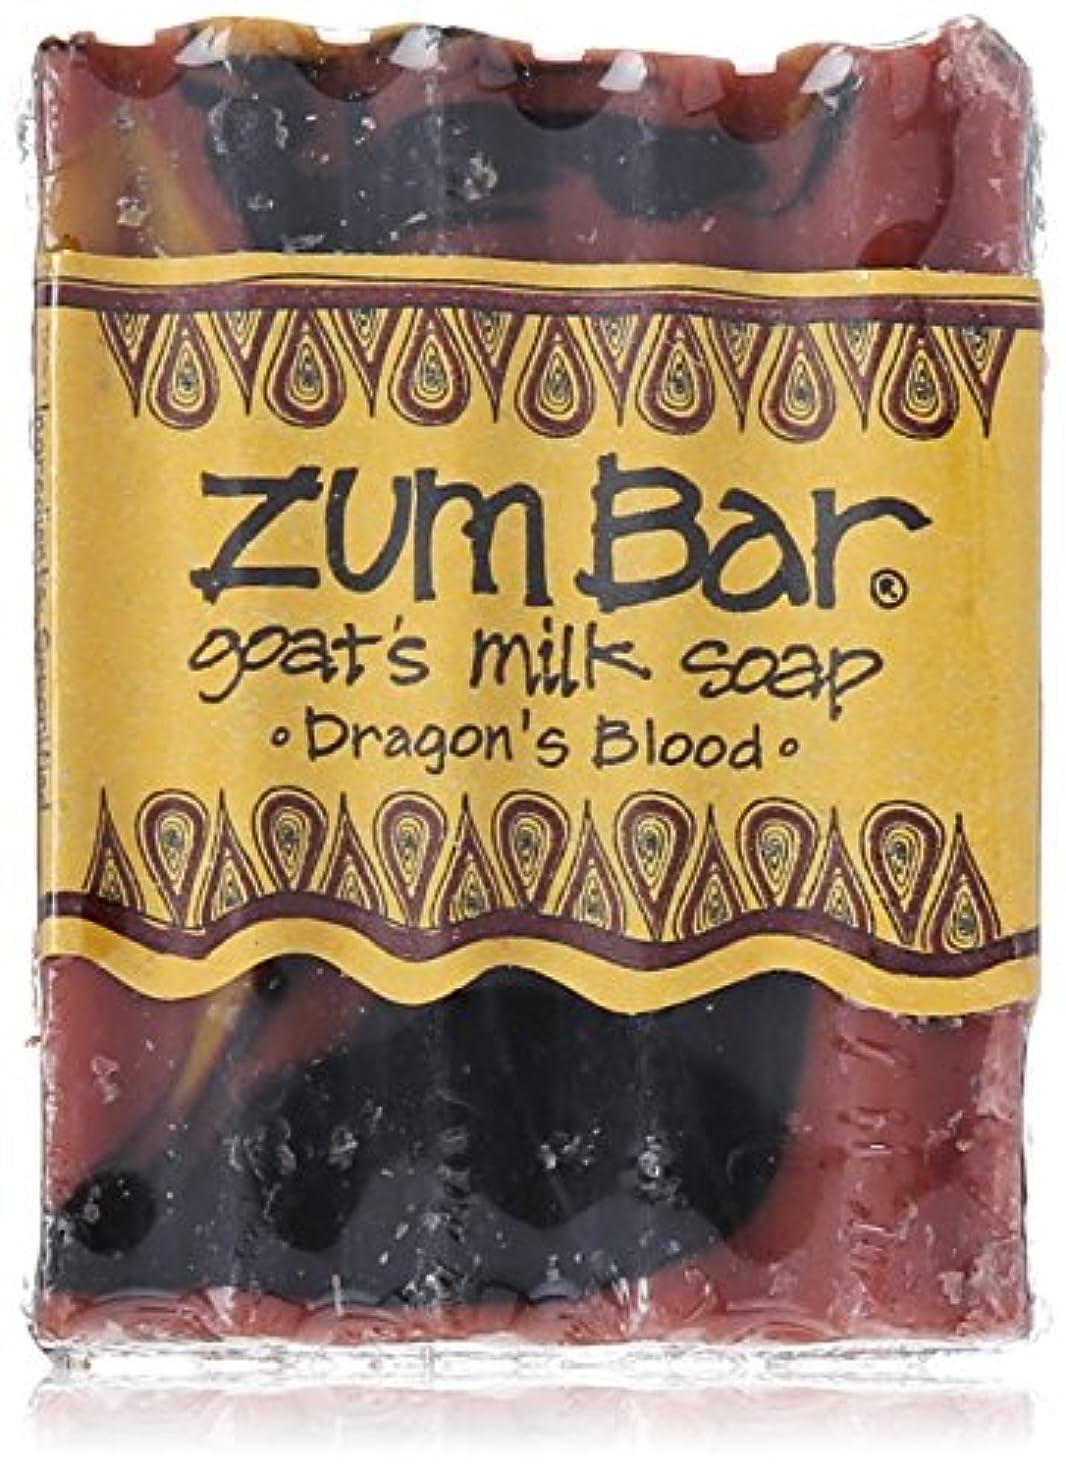 夜明け先行する不完全海外直送品 Indigo Wild, Zum Bar, Goat's ミルク ソープ ドラゴン ブラッド , 3 Ounces (2個セット) (Dragon's Blood) [並行輸入品]